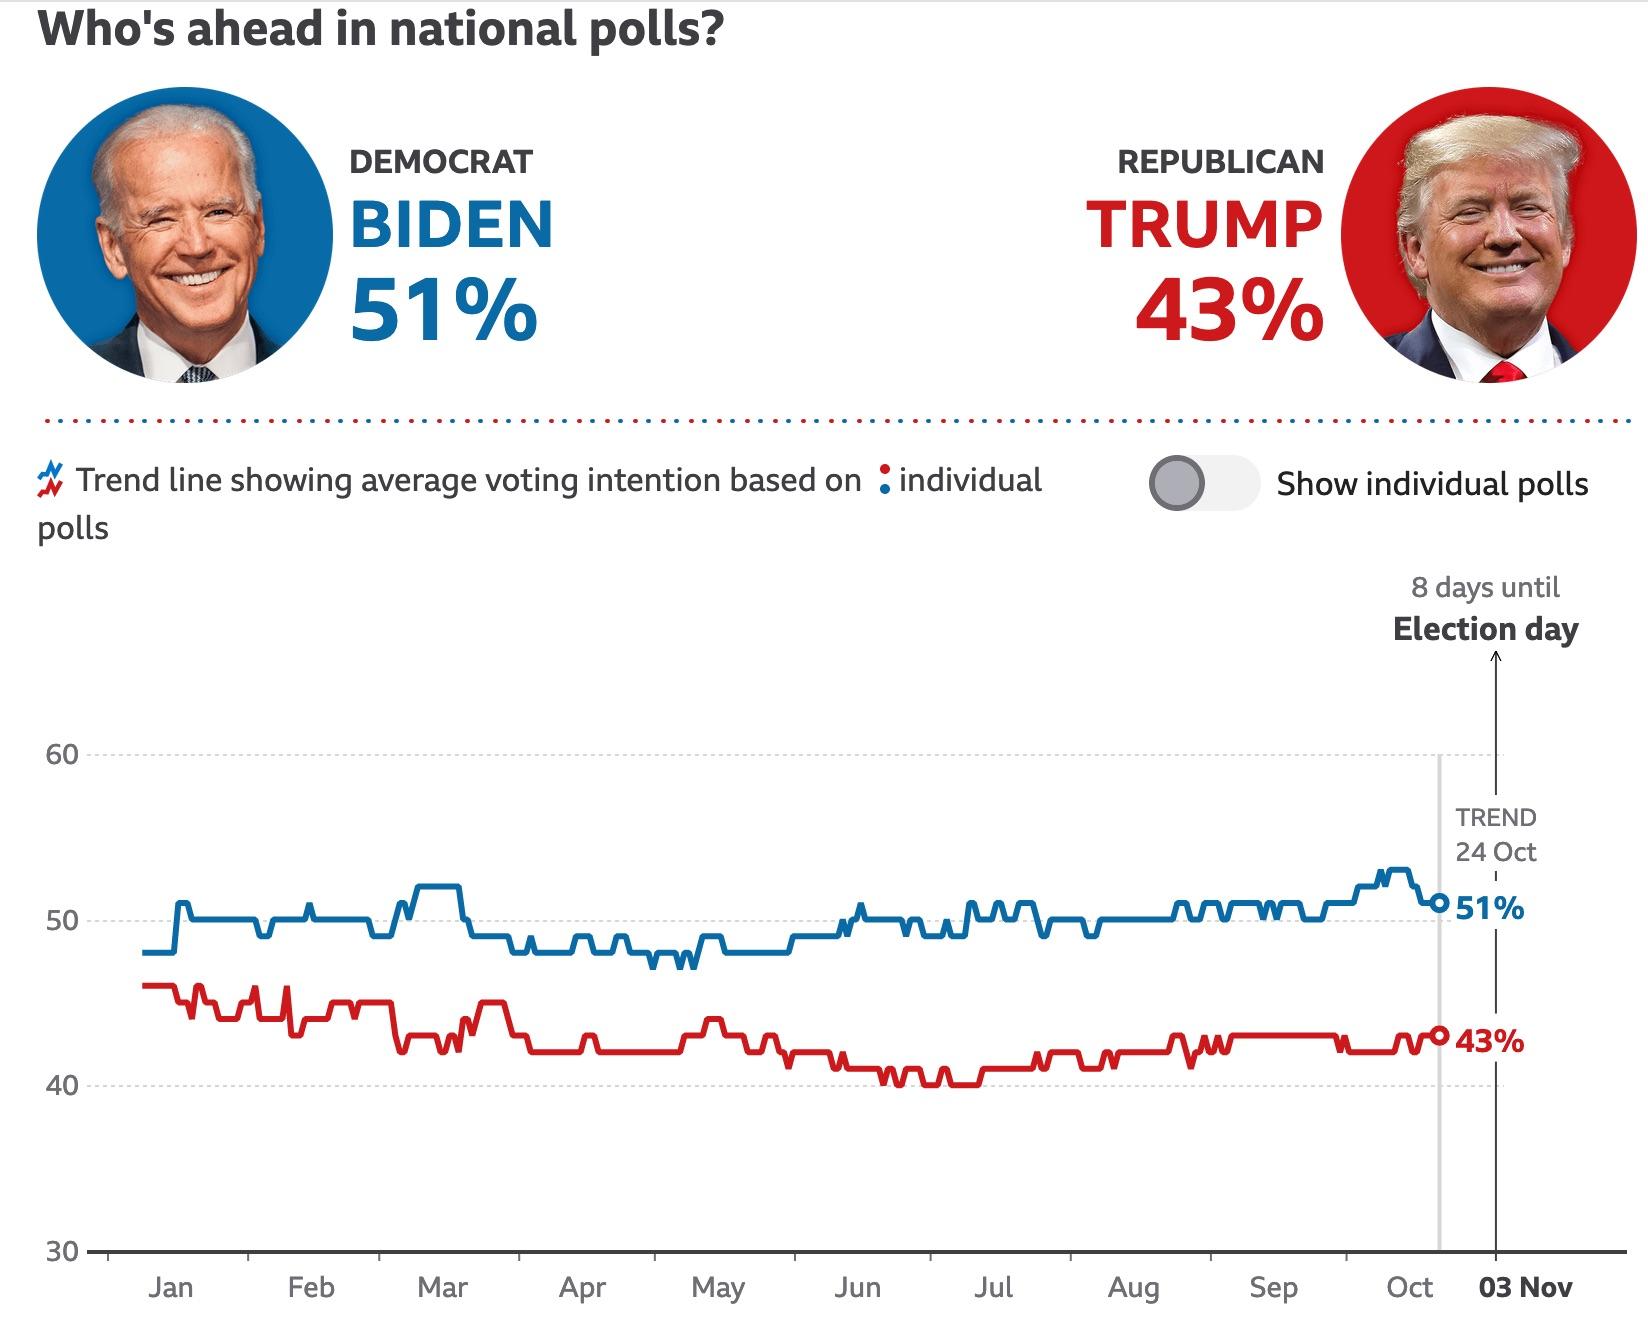 Sur une moyenne glissante de 14 jours, la compilation de tous les sondages montre une remarquable stabilité dans l'écart qui sépare Biden de Trump